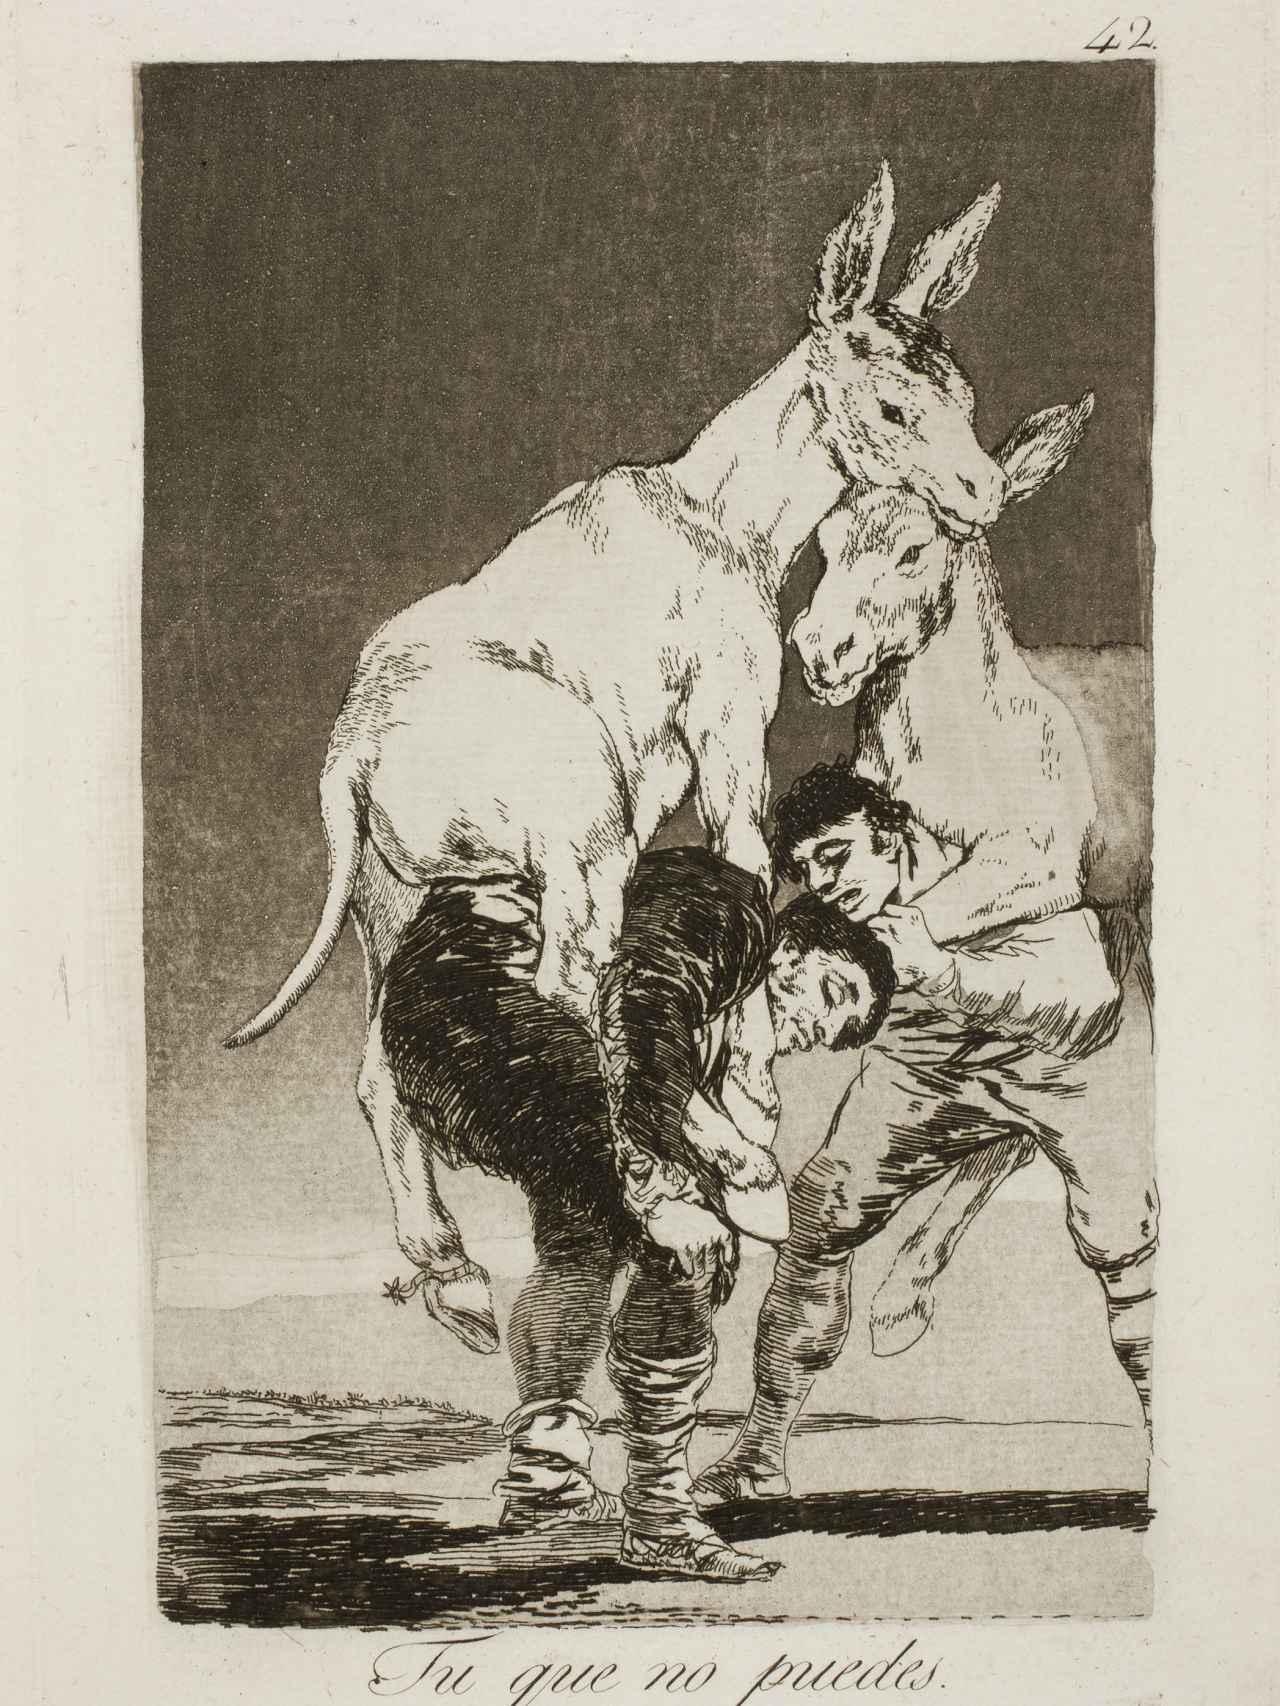 Caprichos de Goya: Tú que no puedes (Museo del Prado)